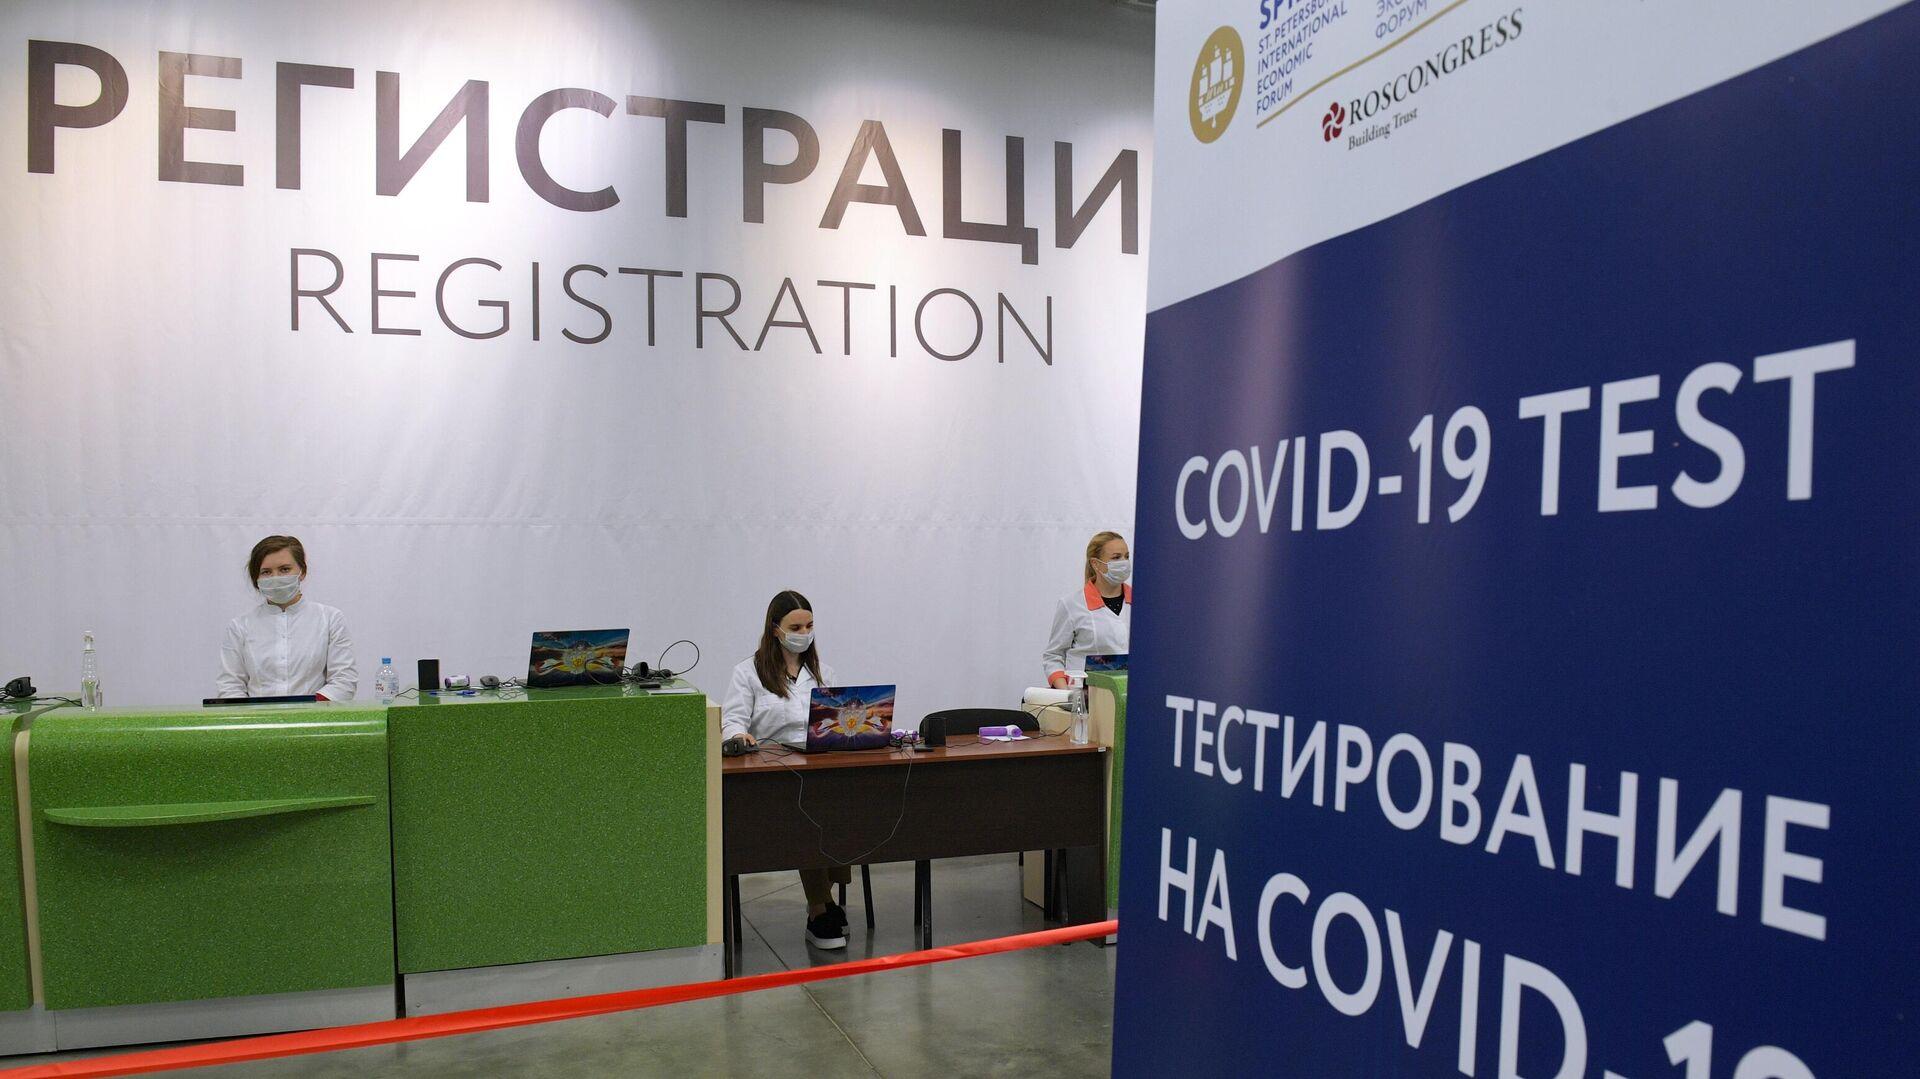 Стойка регистрации пункта тестирования на коронавирус персонала и участников Петербургского международного экономического форума 2021 - РИА Новости, 1920, 28.07.2021